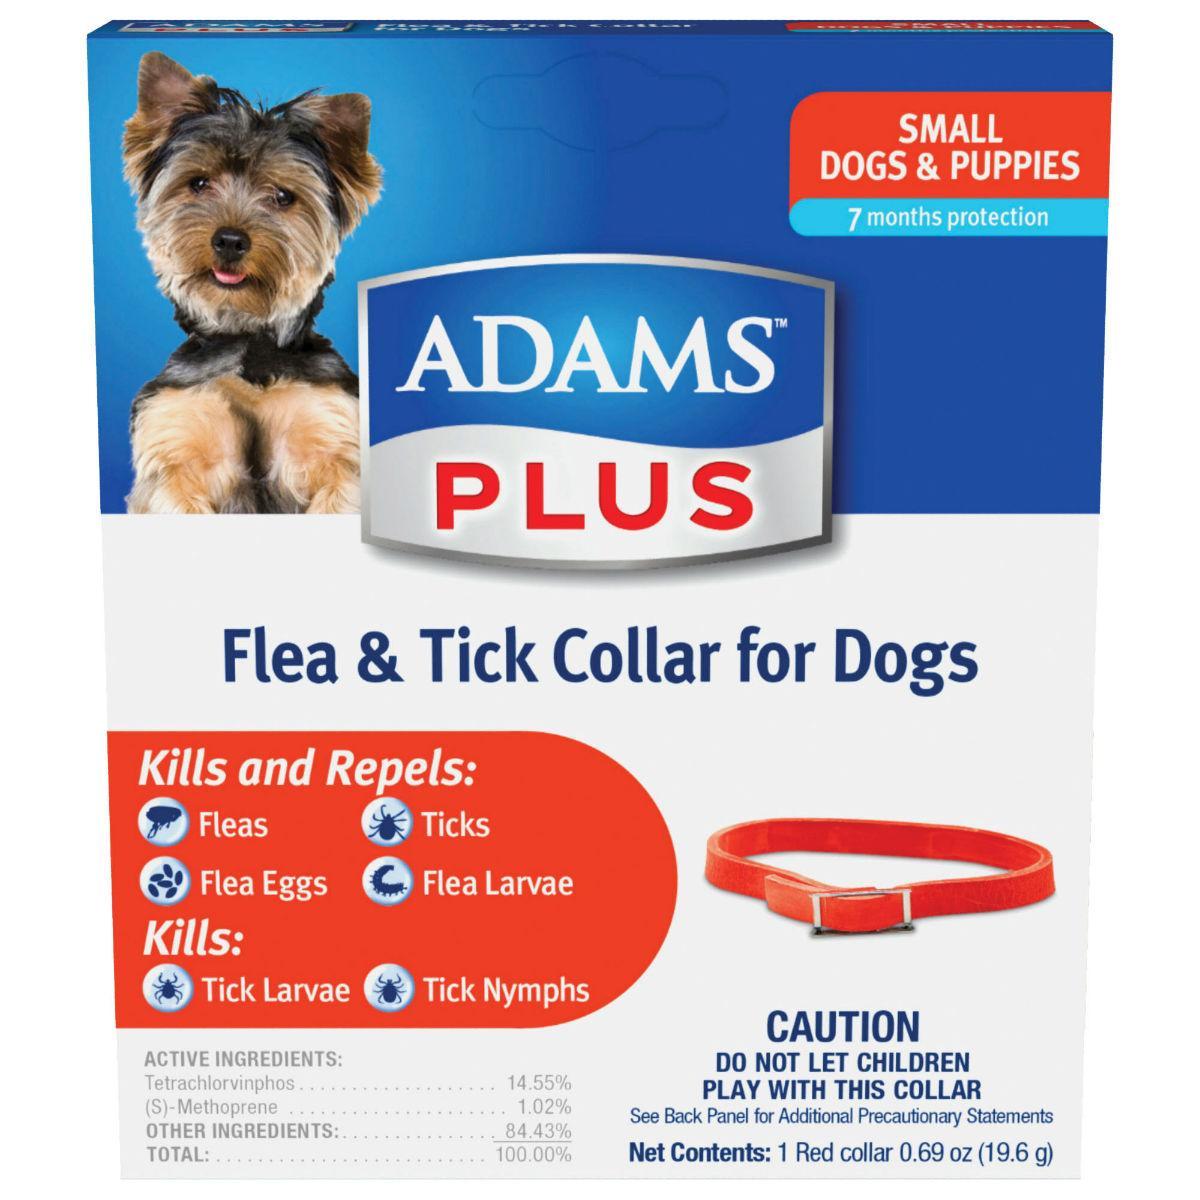 Adams Plus Flea & Tick Dog Collar